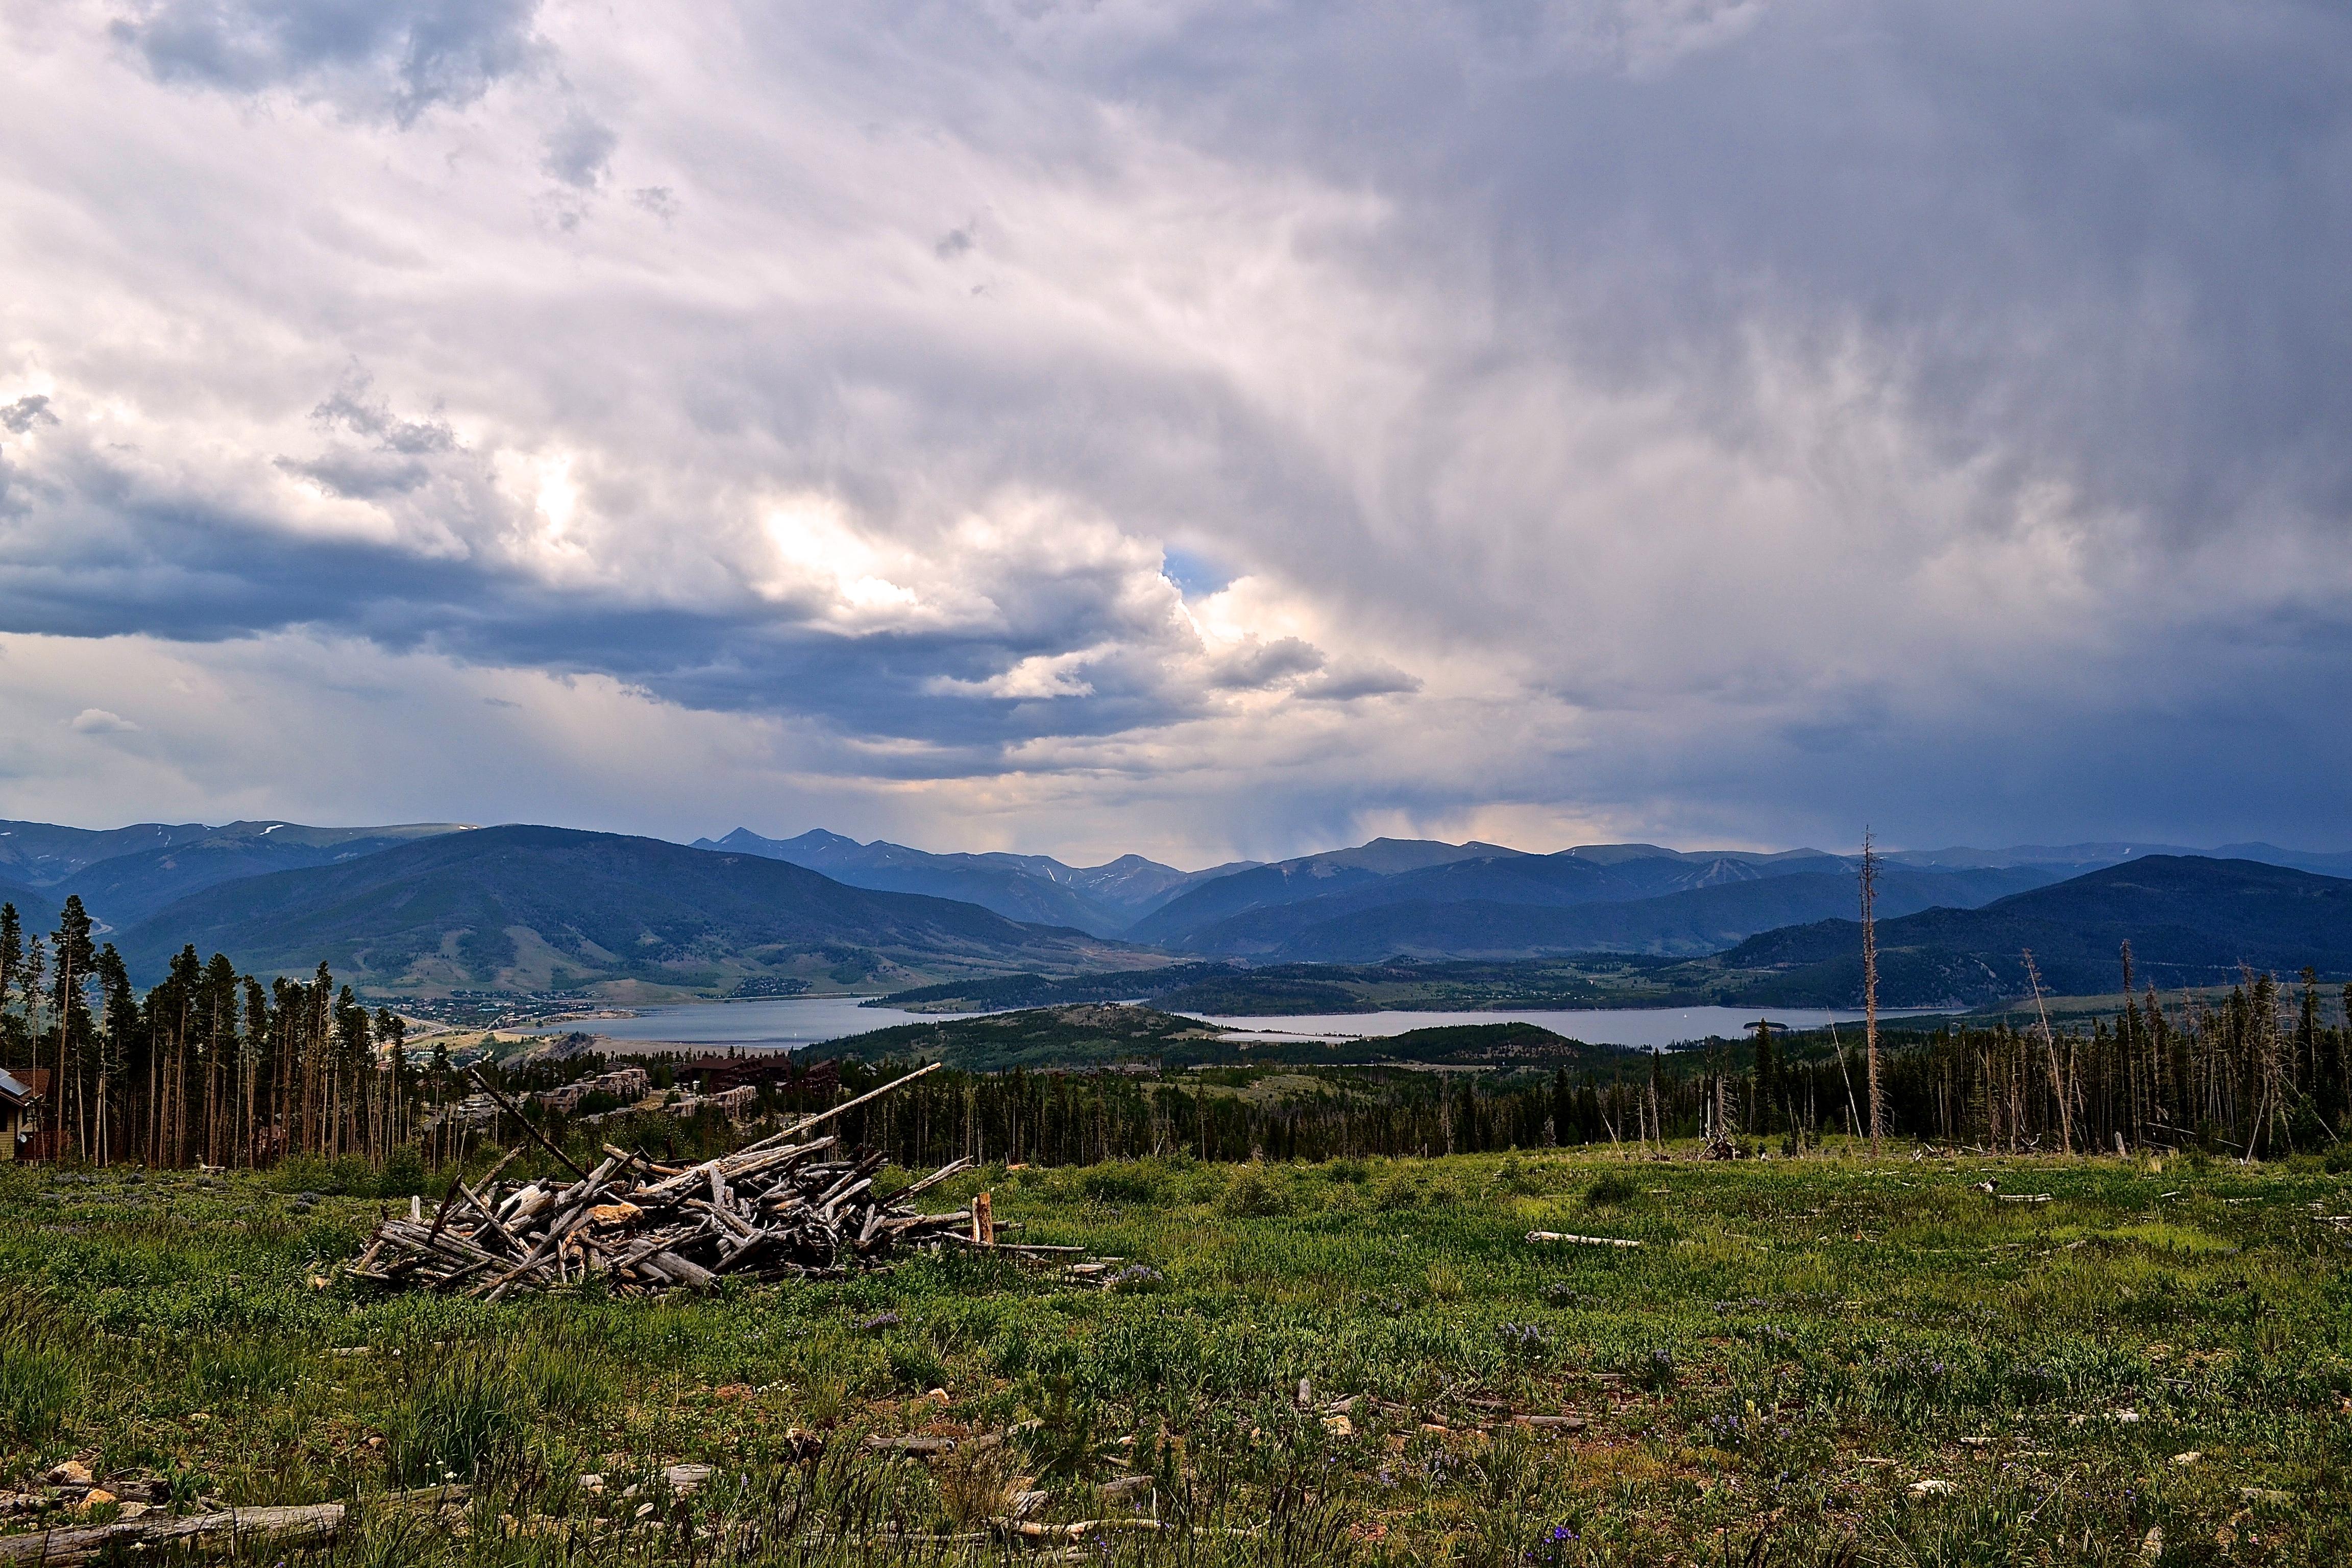 Deforestation in Colorado